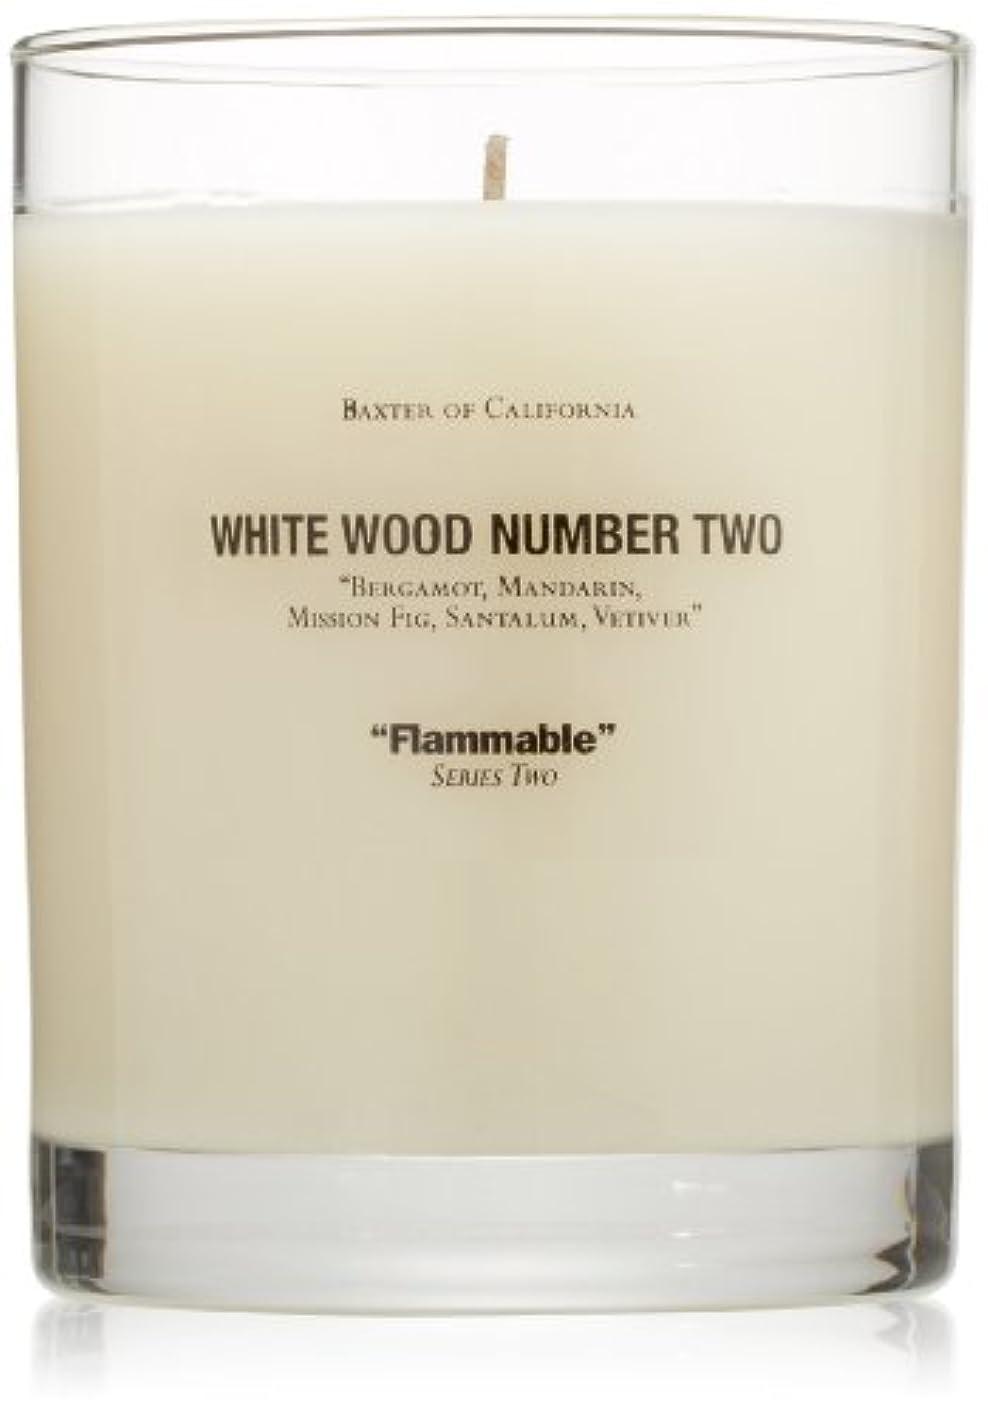 いとこ発生するうつBaxter OF CALIFORNIA(バクスター オブ カリフォルニア) ホワイトウッドキャンドルtwo 255g